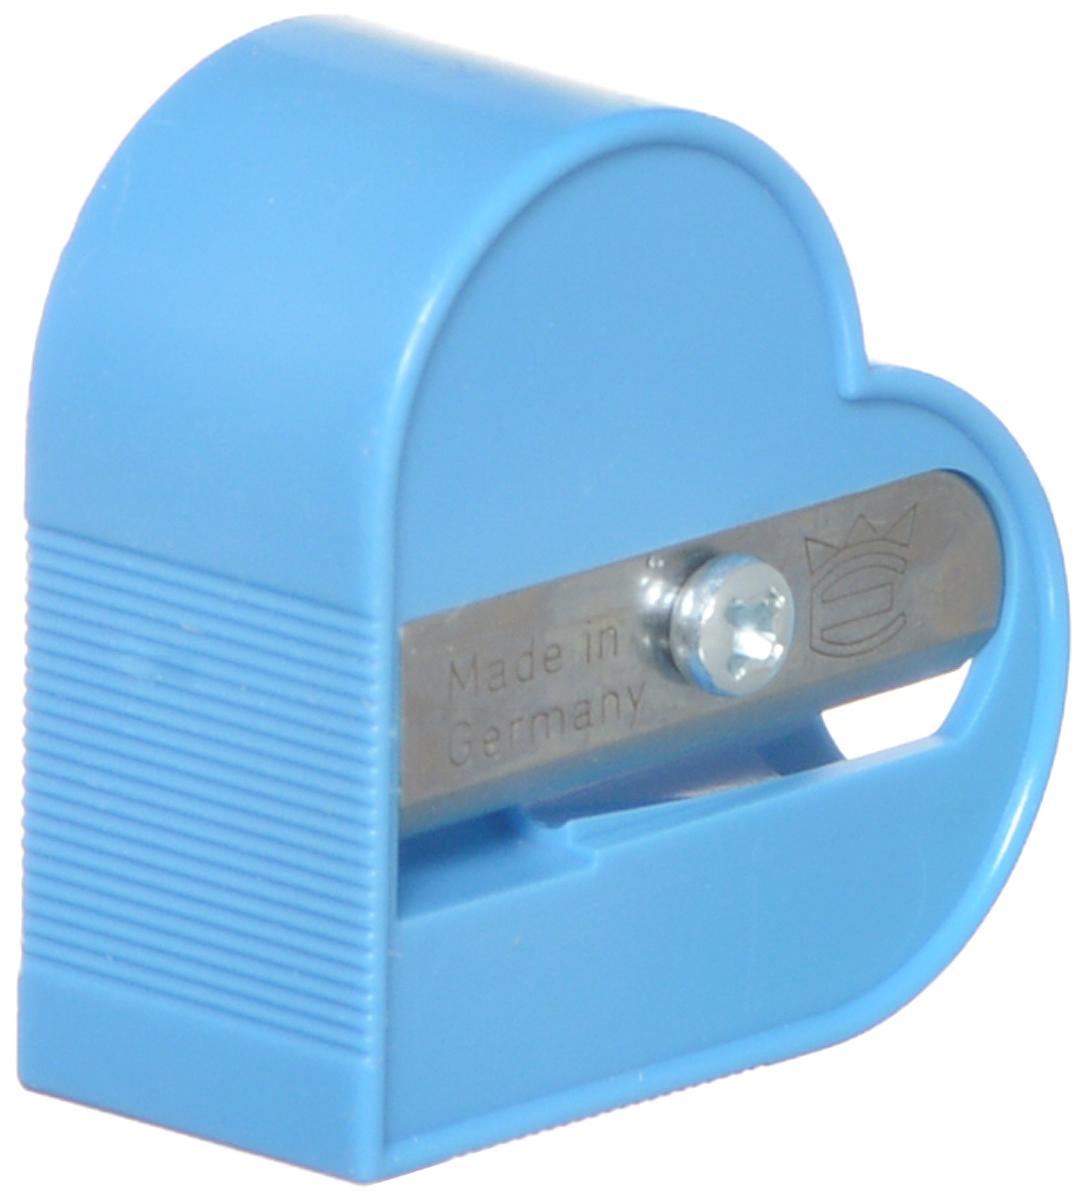 Eisen Точилка Сердце цвет голубойFS-36052Точилка Eisen Сердце предназначена для затачивания классических простых и цветных карандашей.Точилка изготовлена из качественного материала и имеет рельефную область захвата. Острые лезвия обеспечивают высококачественную и точную заточку карандашей.